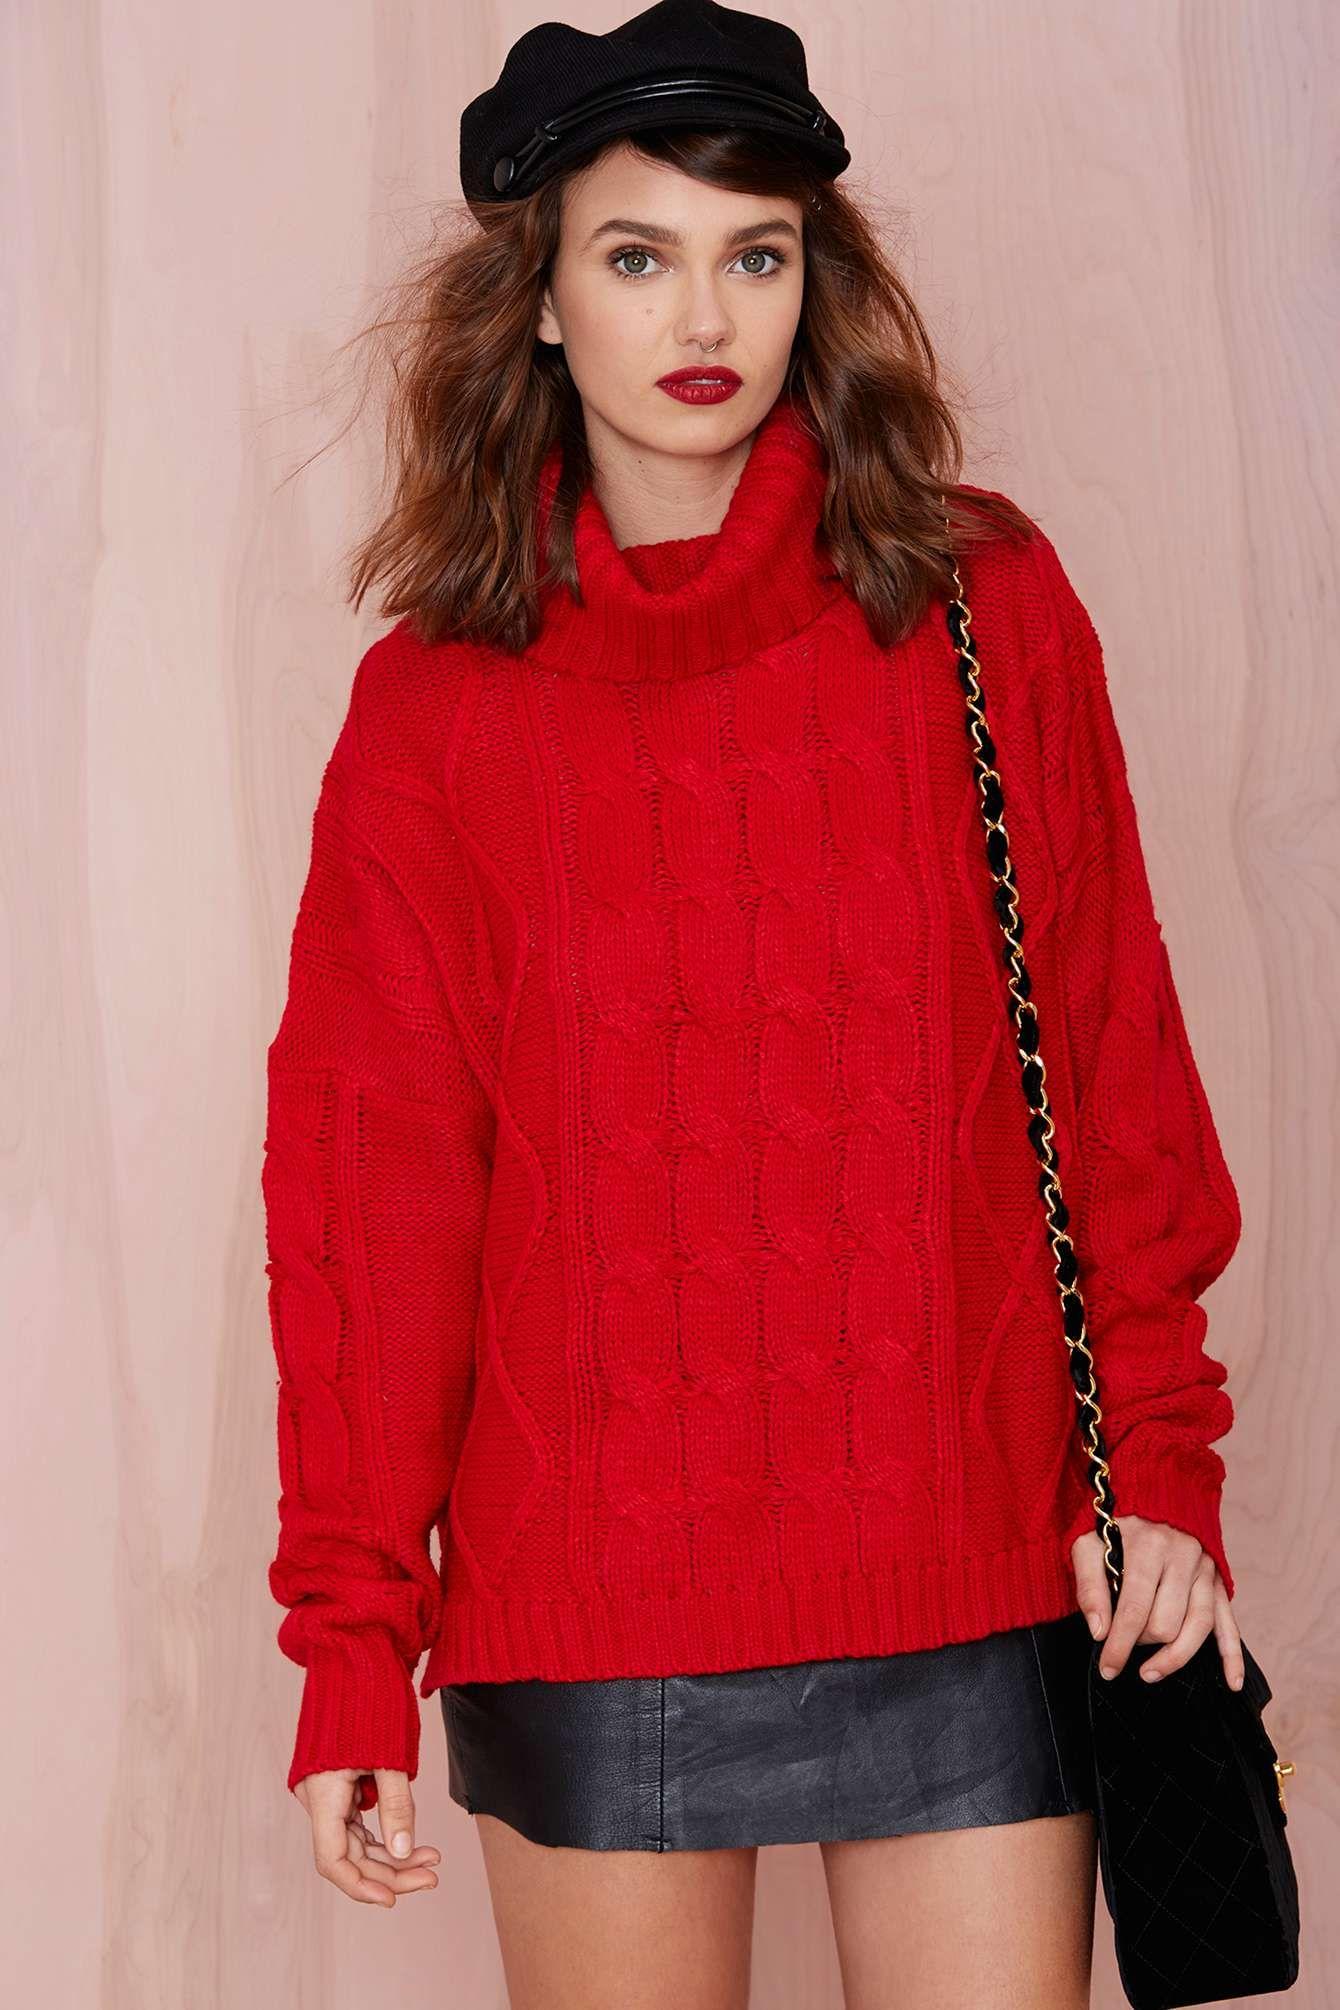 Celia Cable Sweater